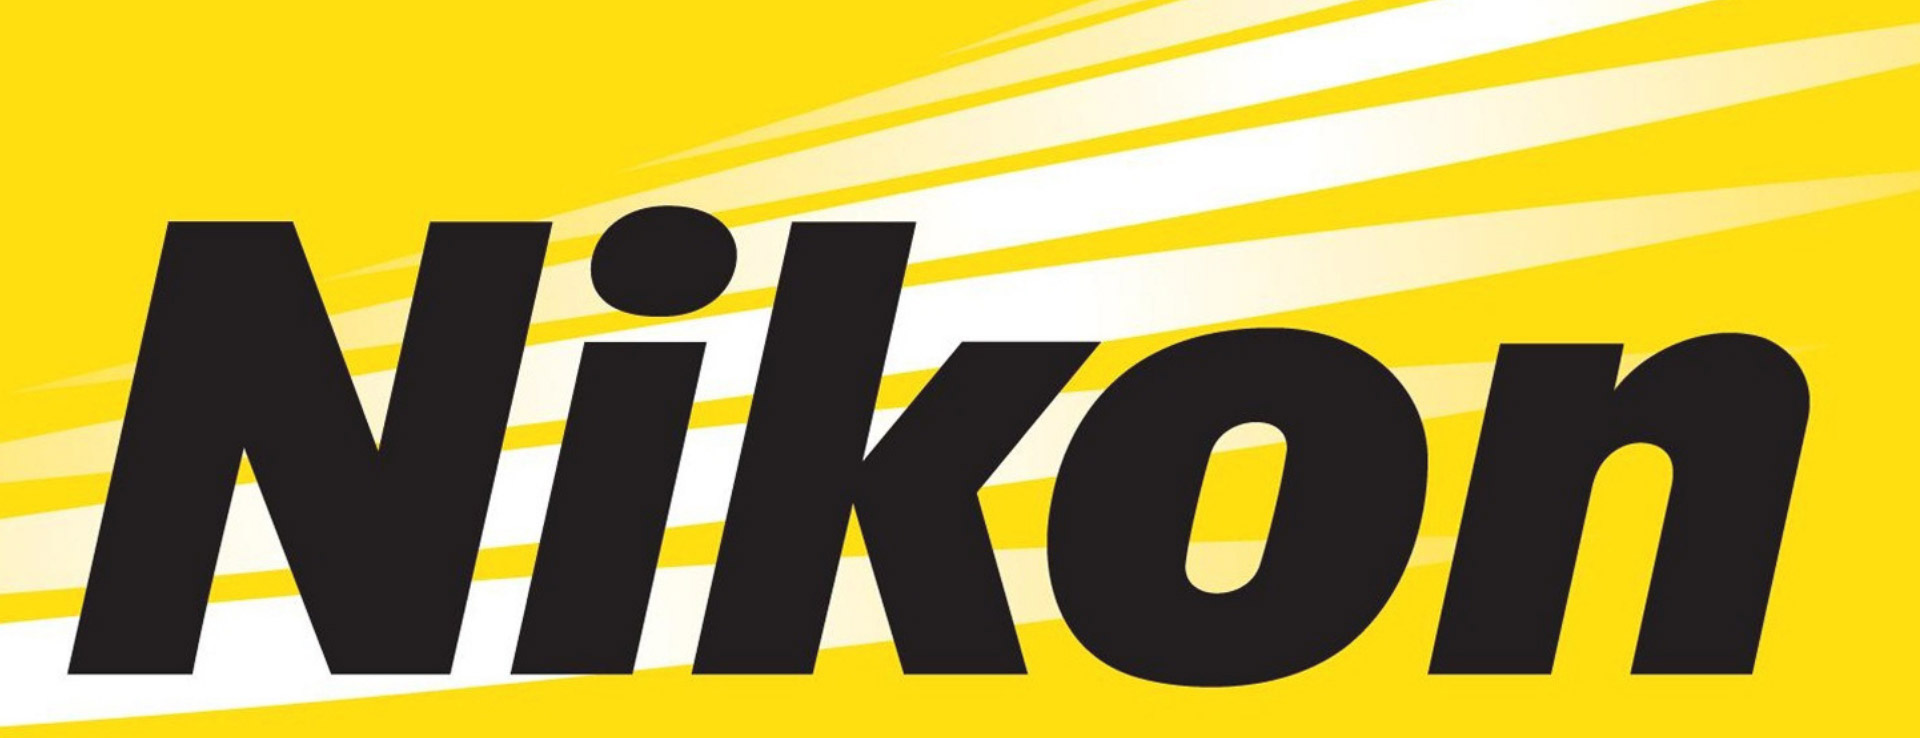 Nikon Firmware-Update 2.00, Augen-Autofokus für Nikon Z 6 und Z 7